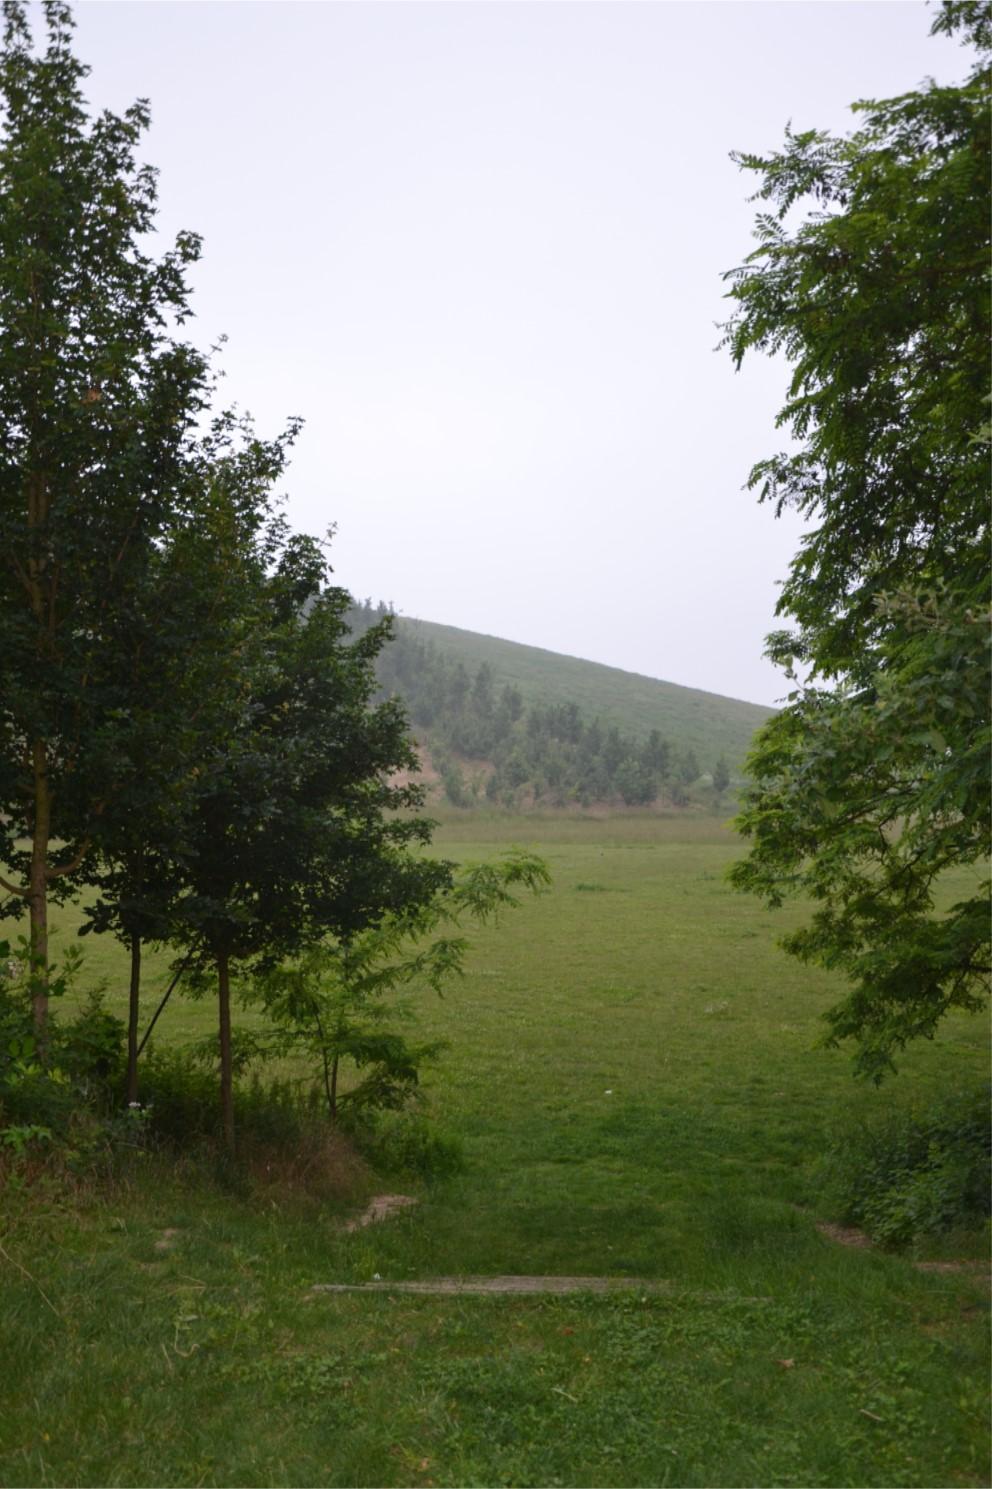 Butte des Chataigniers